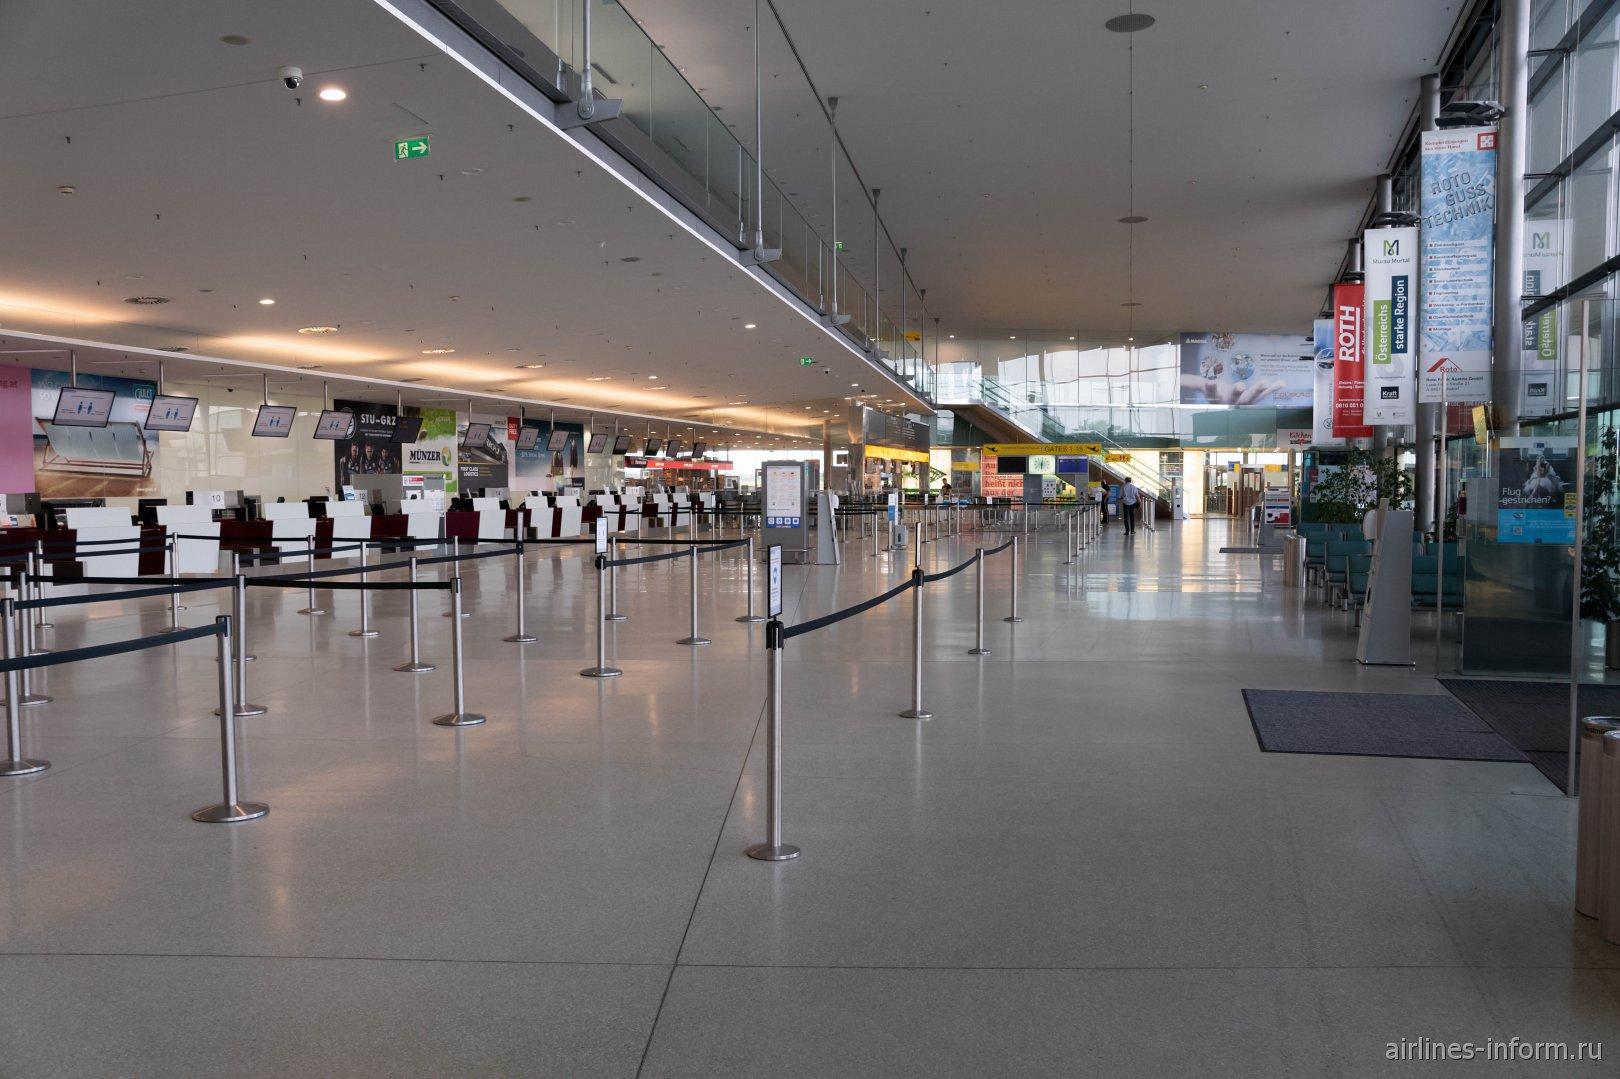 Зона регистрации в аэропорту Грац Талерхоф